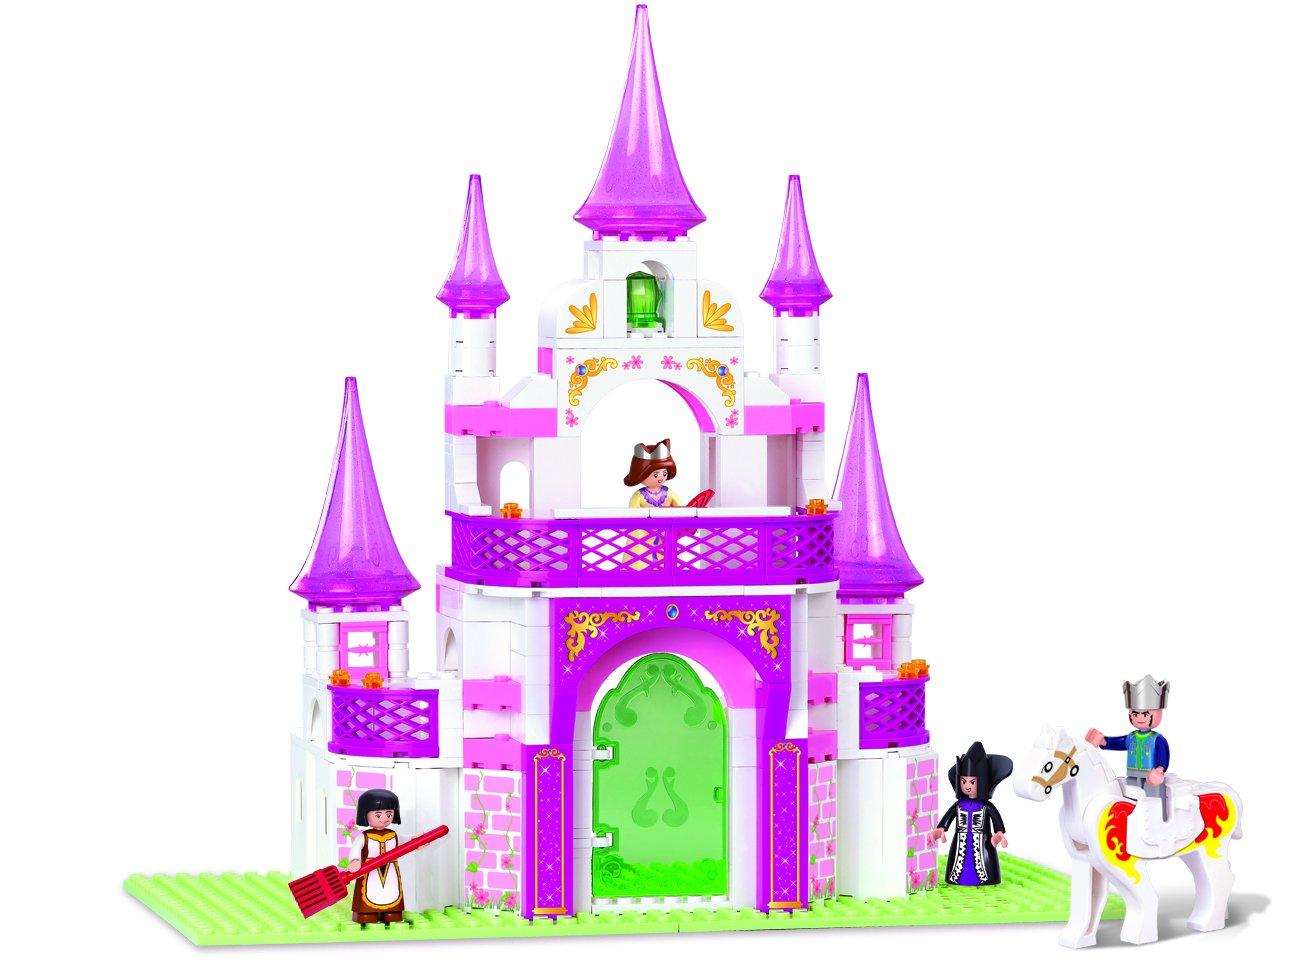 M38-B0153 – Sluban Prinzessin Palast aus der Girls Dream Serie jetzt kaufen